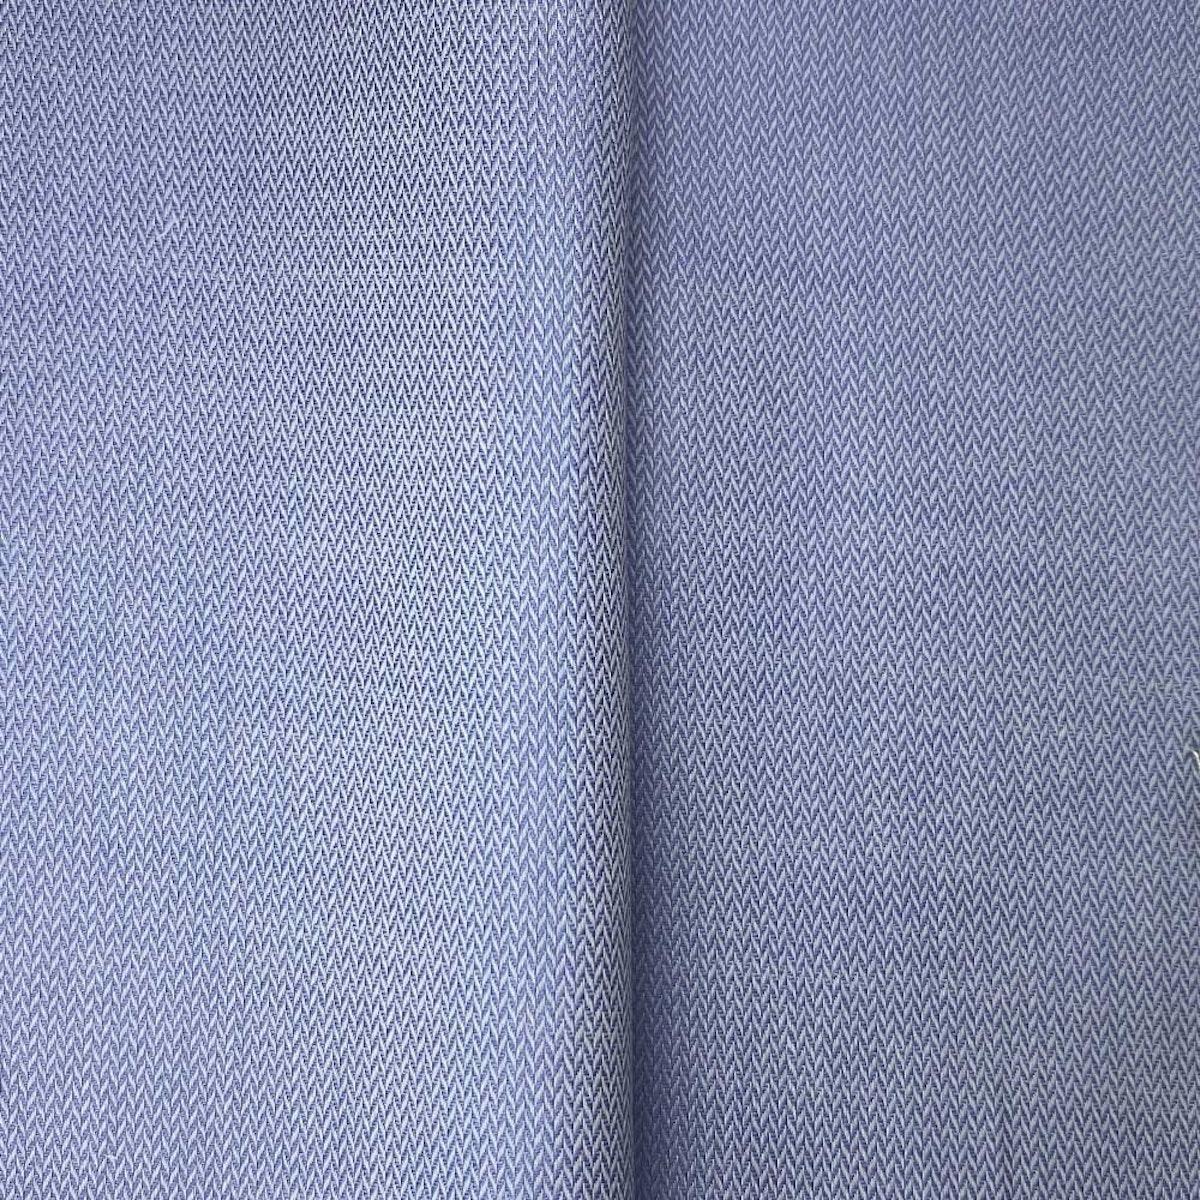 InStitchu Shirt Fabric 61